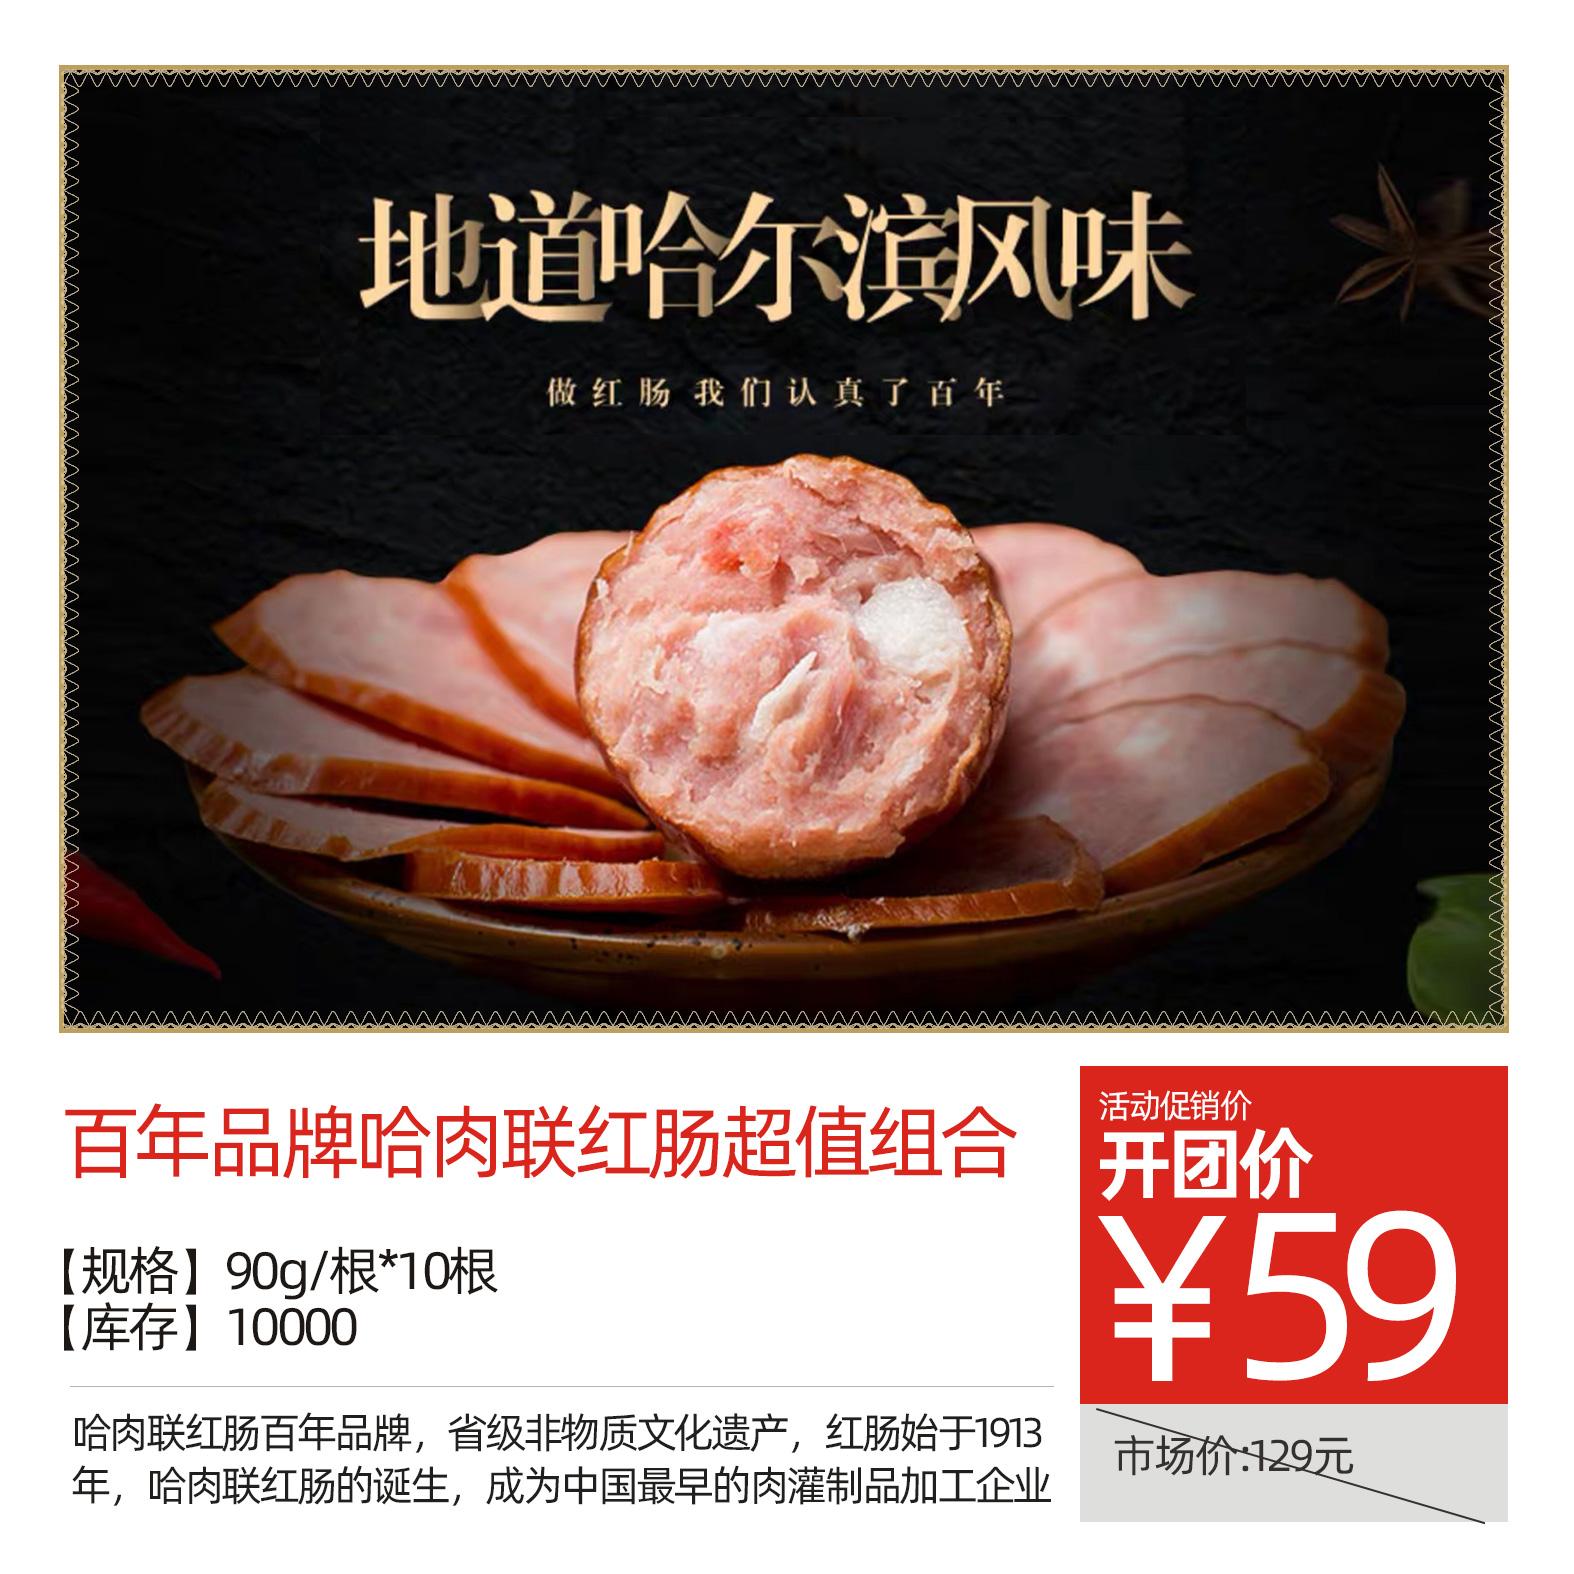 百年品牌哈肉联红肠超值组